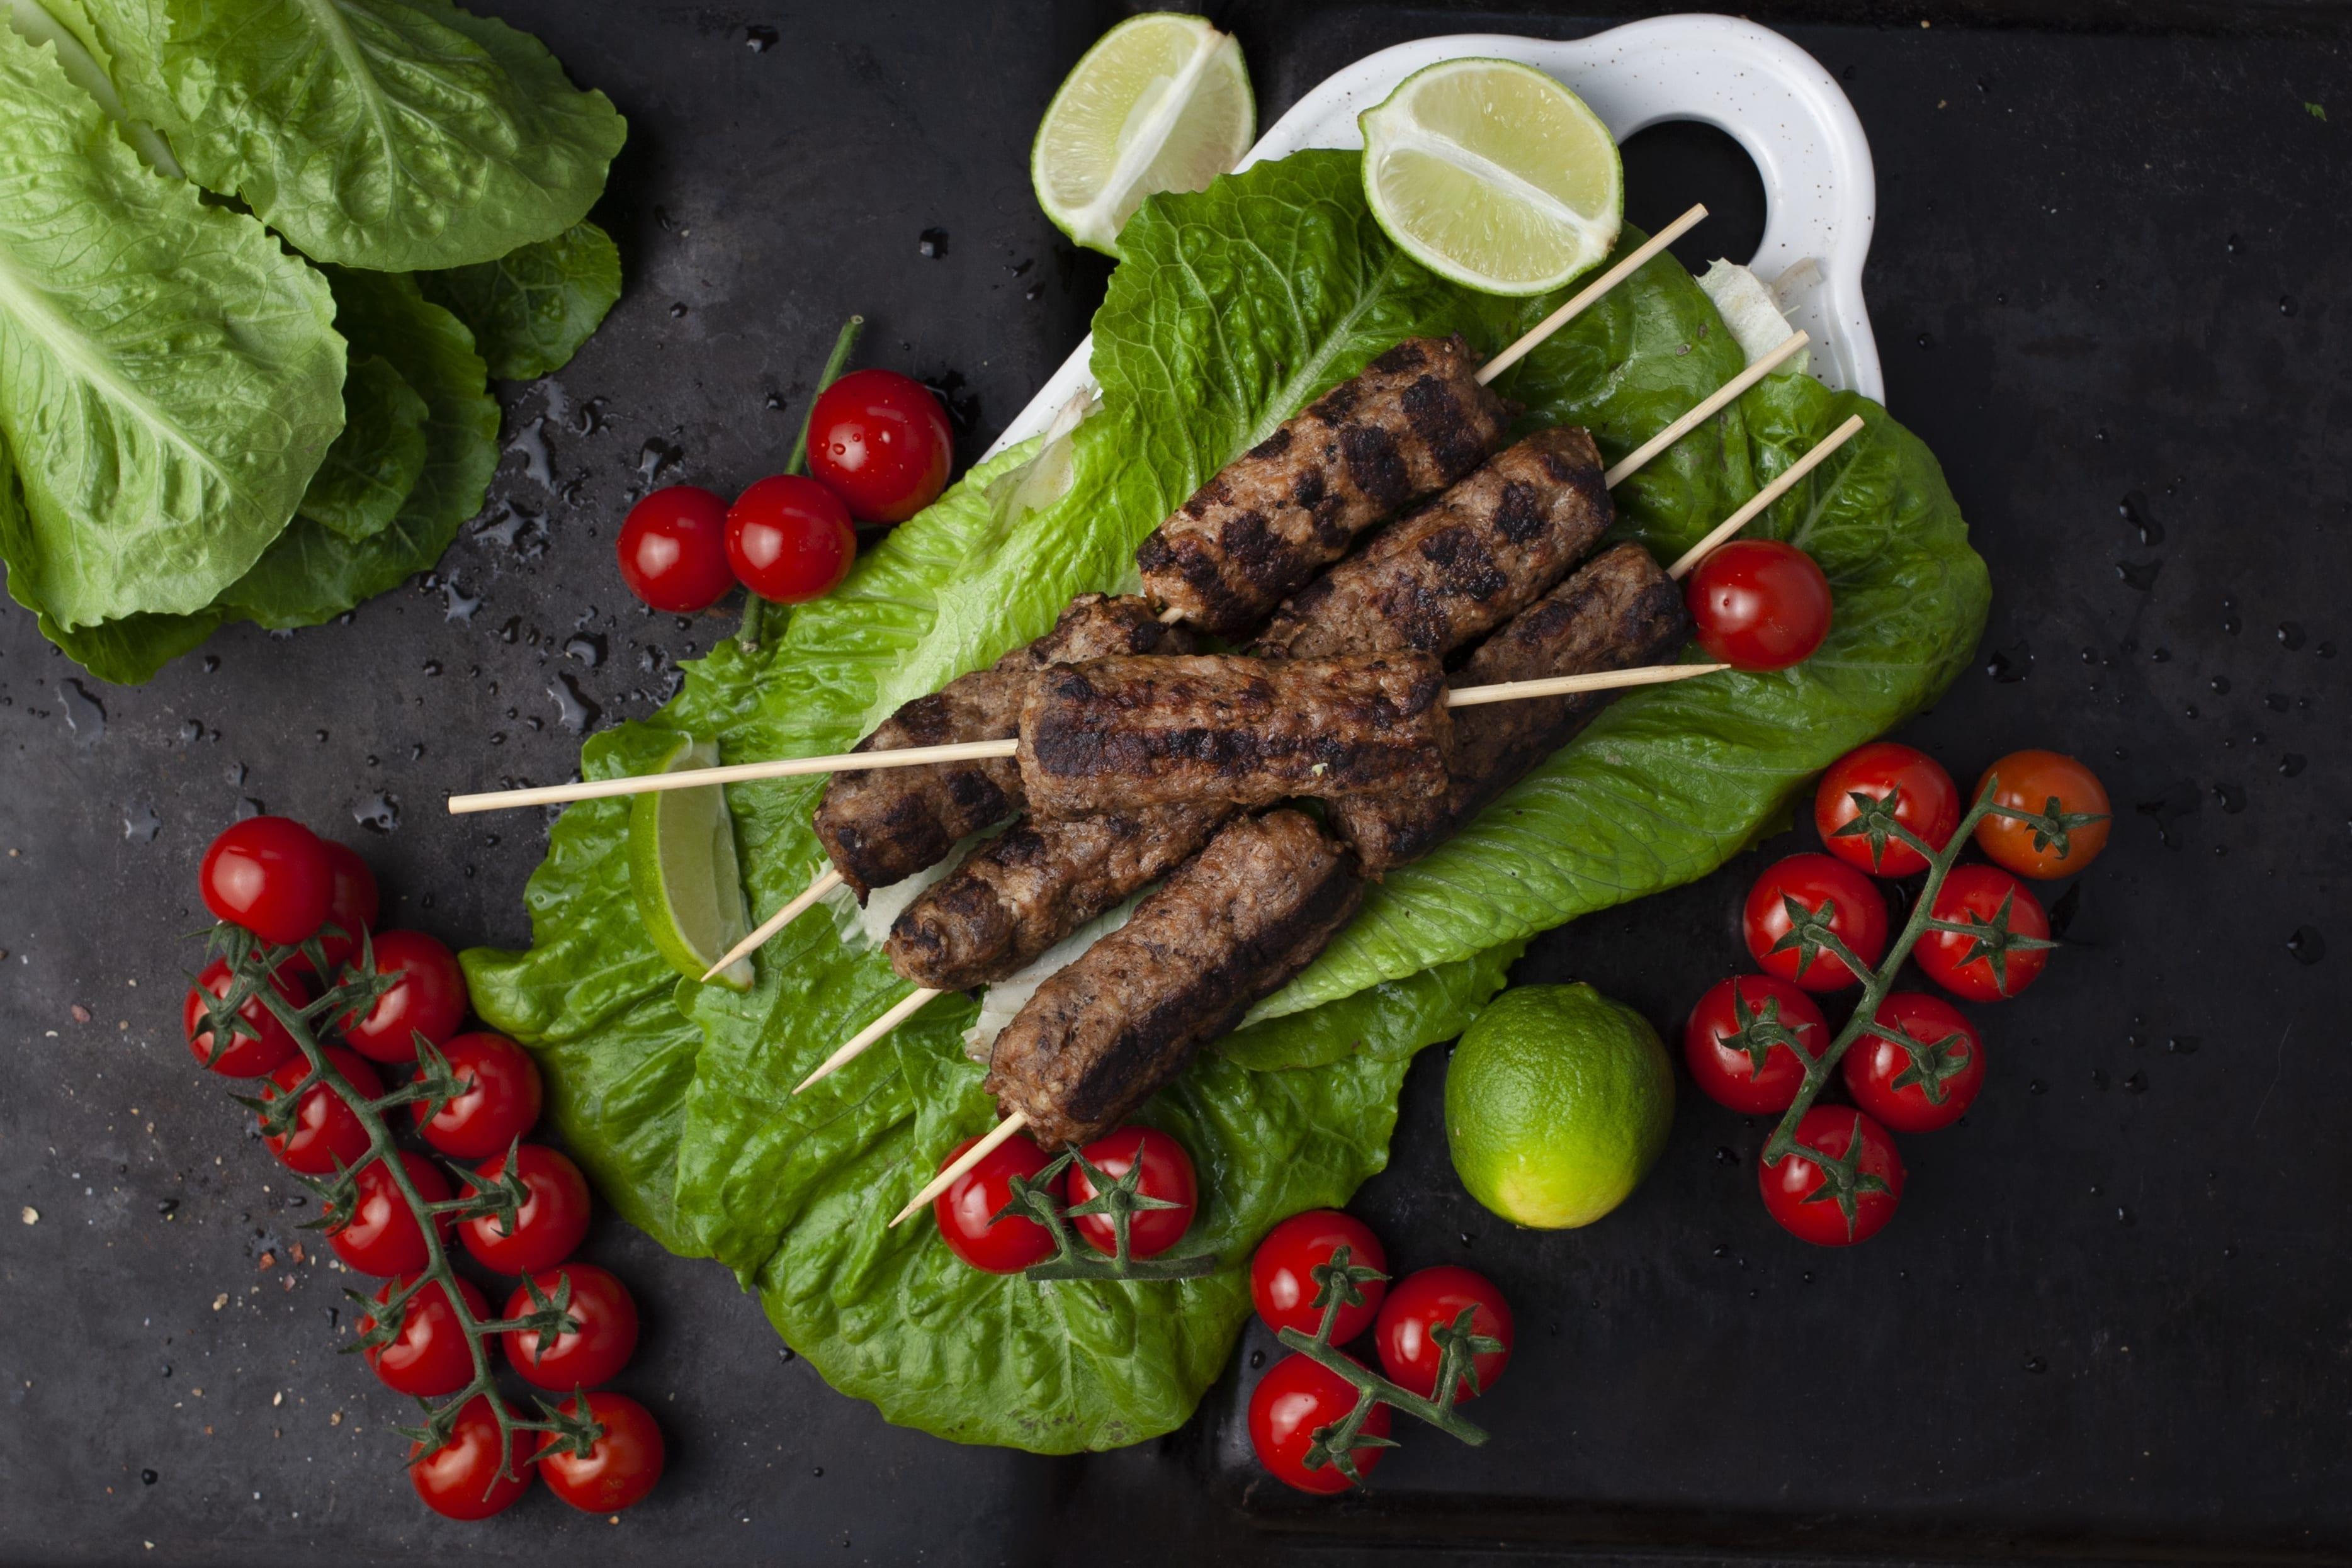 Køfte kebab med stegte grøntsager